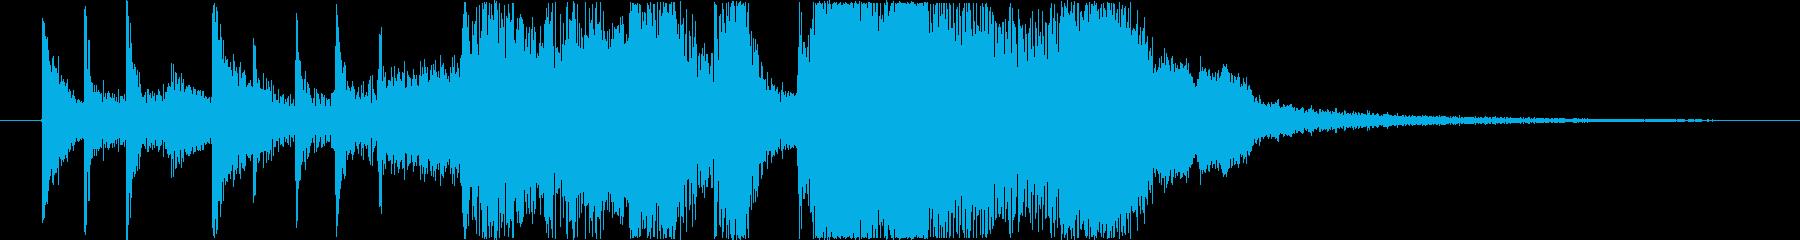 ファンキーなエレクトリックピアノ、...の再生済みの波形